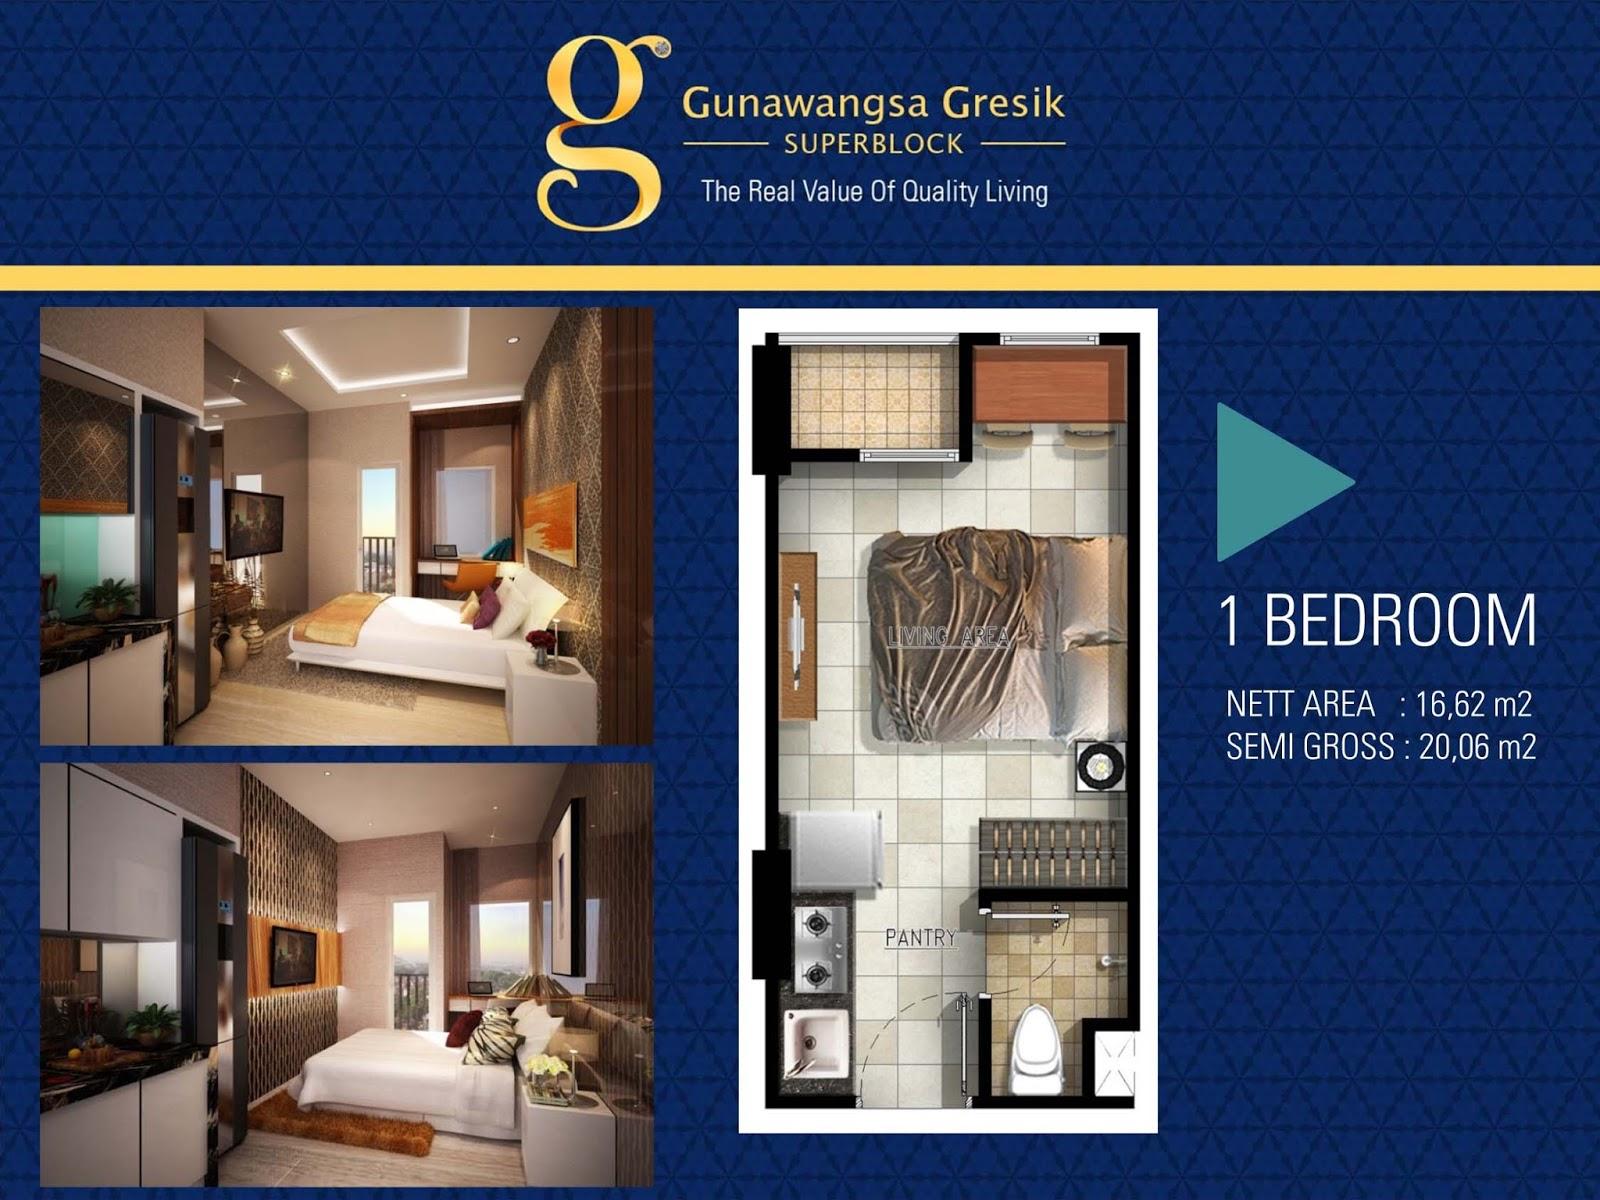 Gunawangsa Apartment Surabaya  Super Block Gunawangsa Gresik